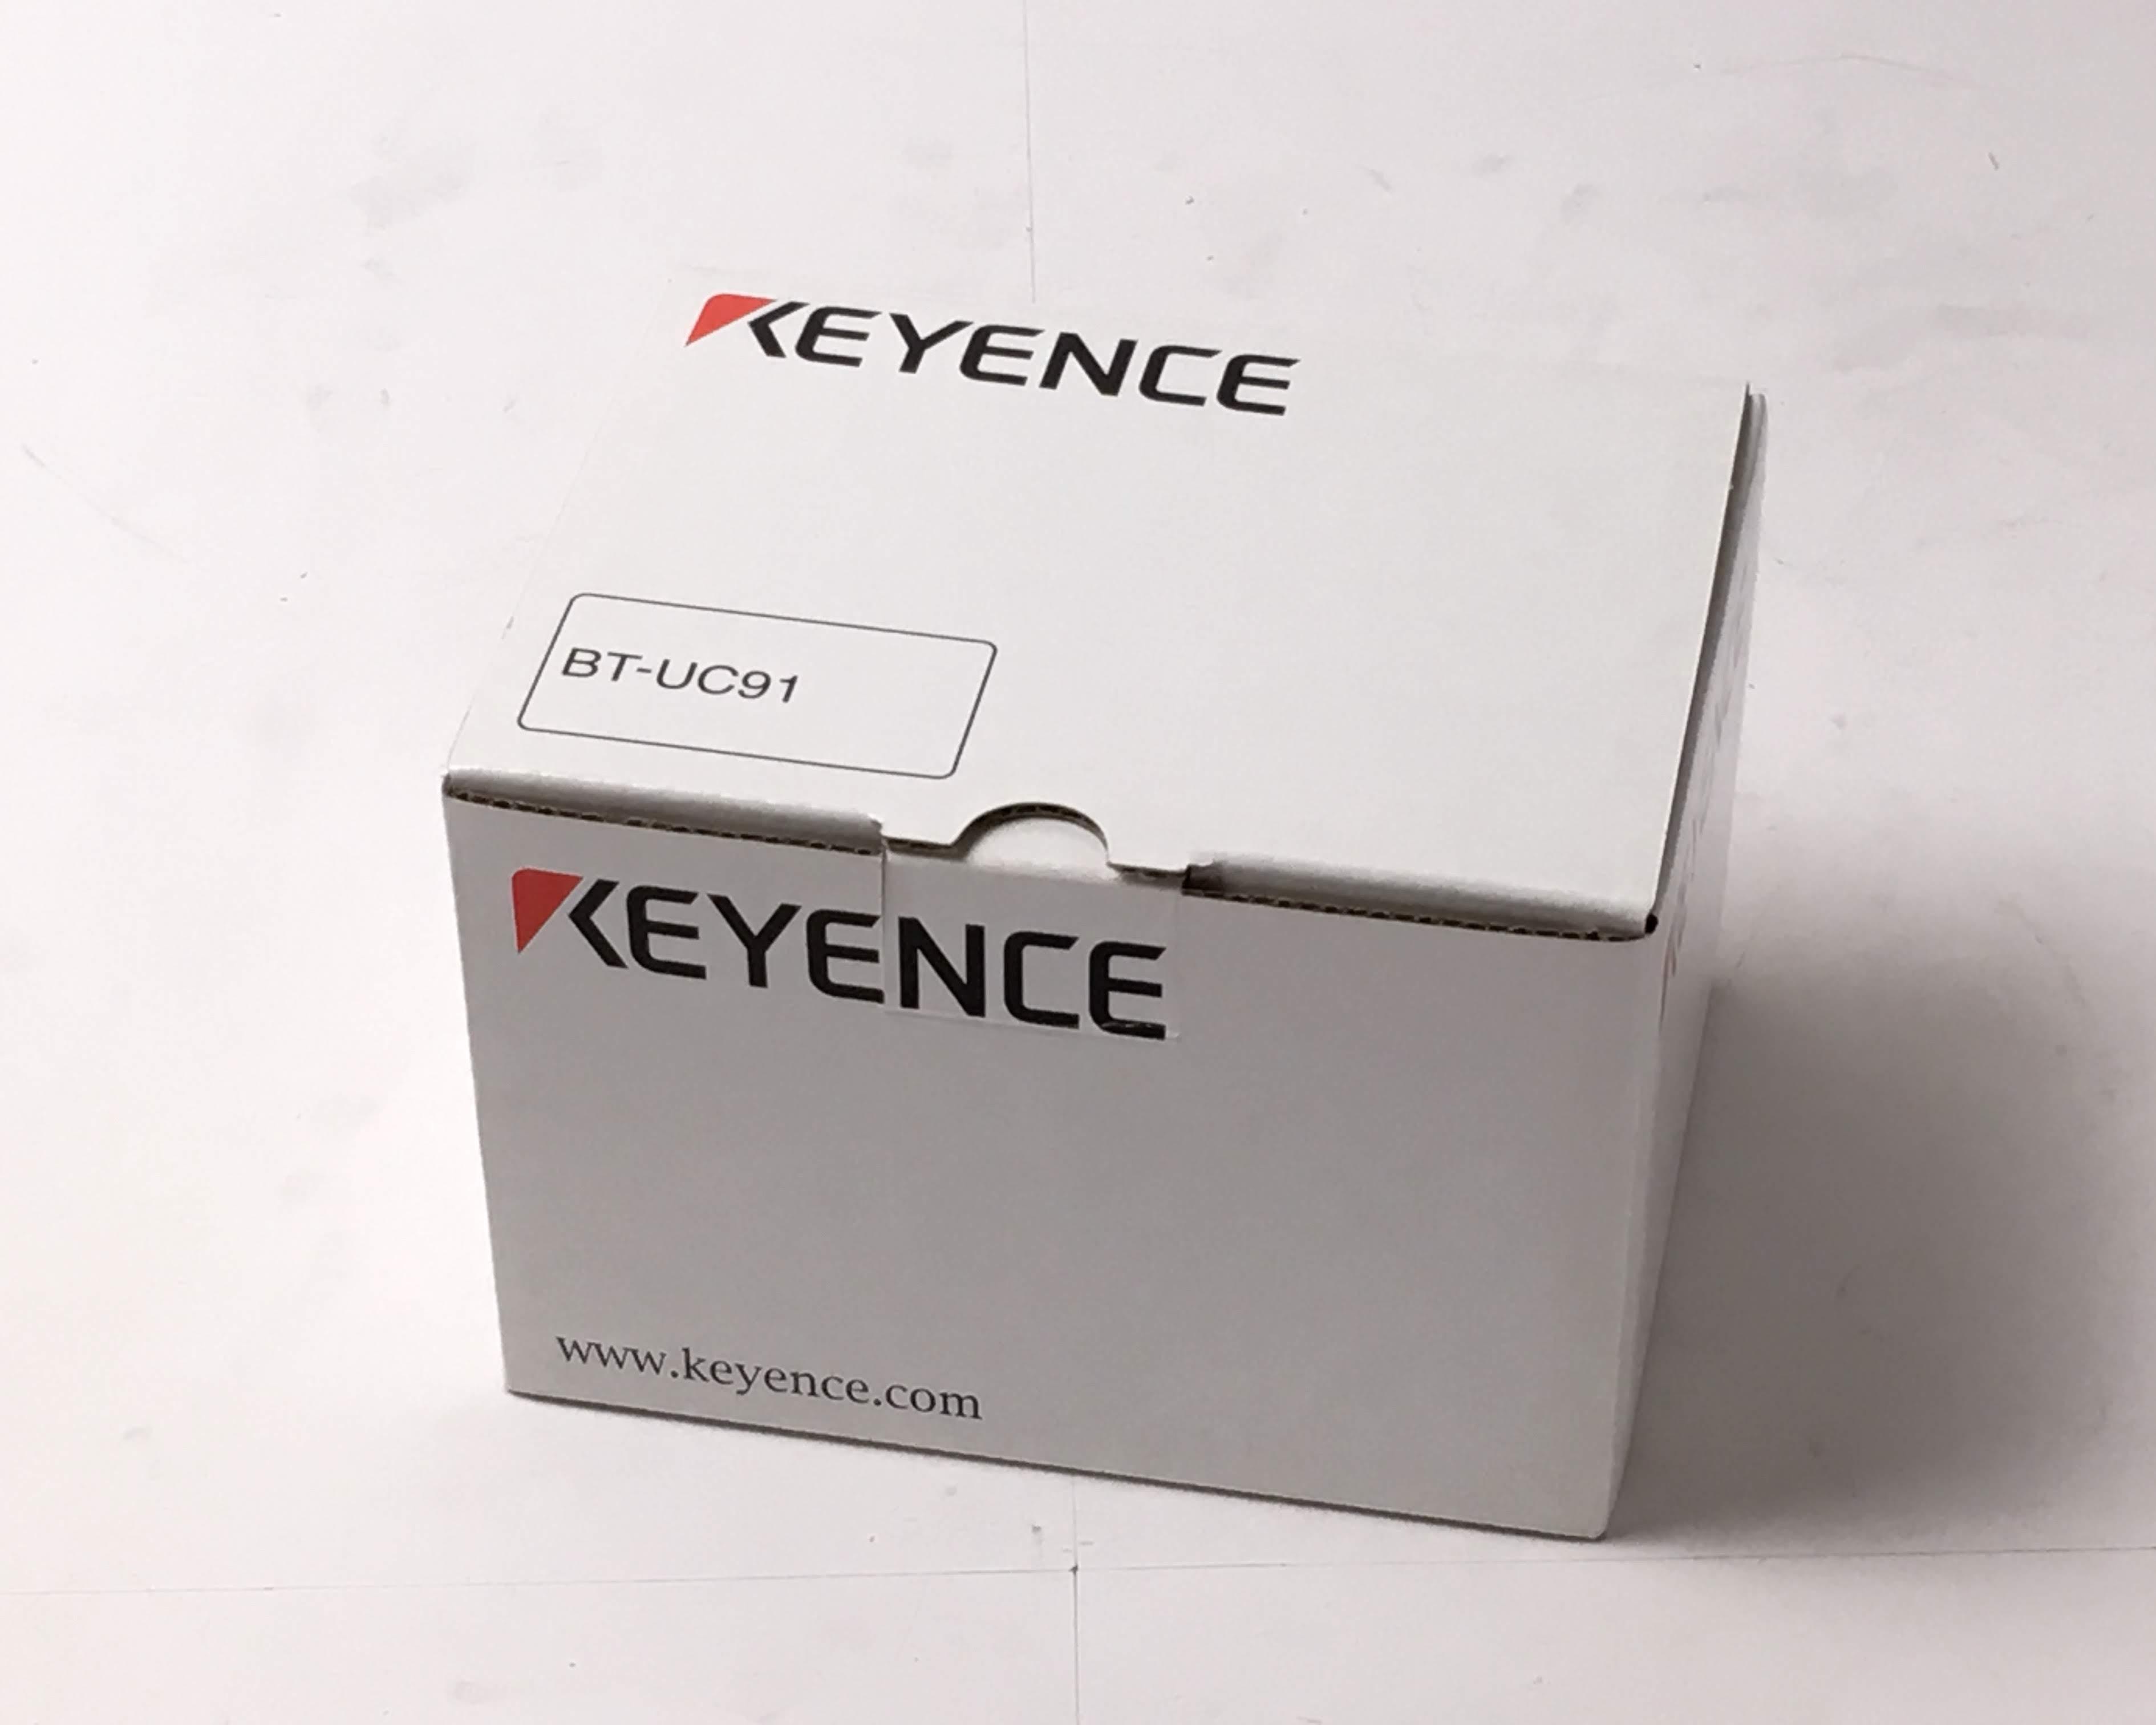 【新品】KEYENCE BT-UC91  メイン画像